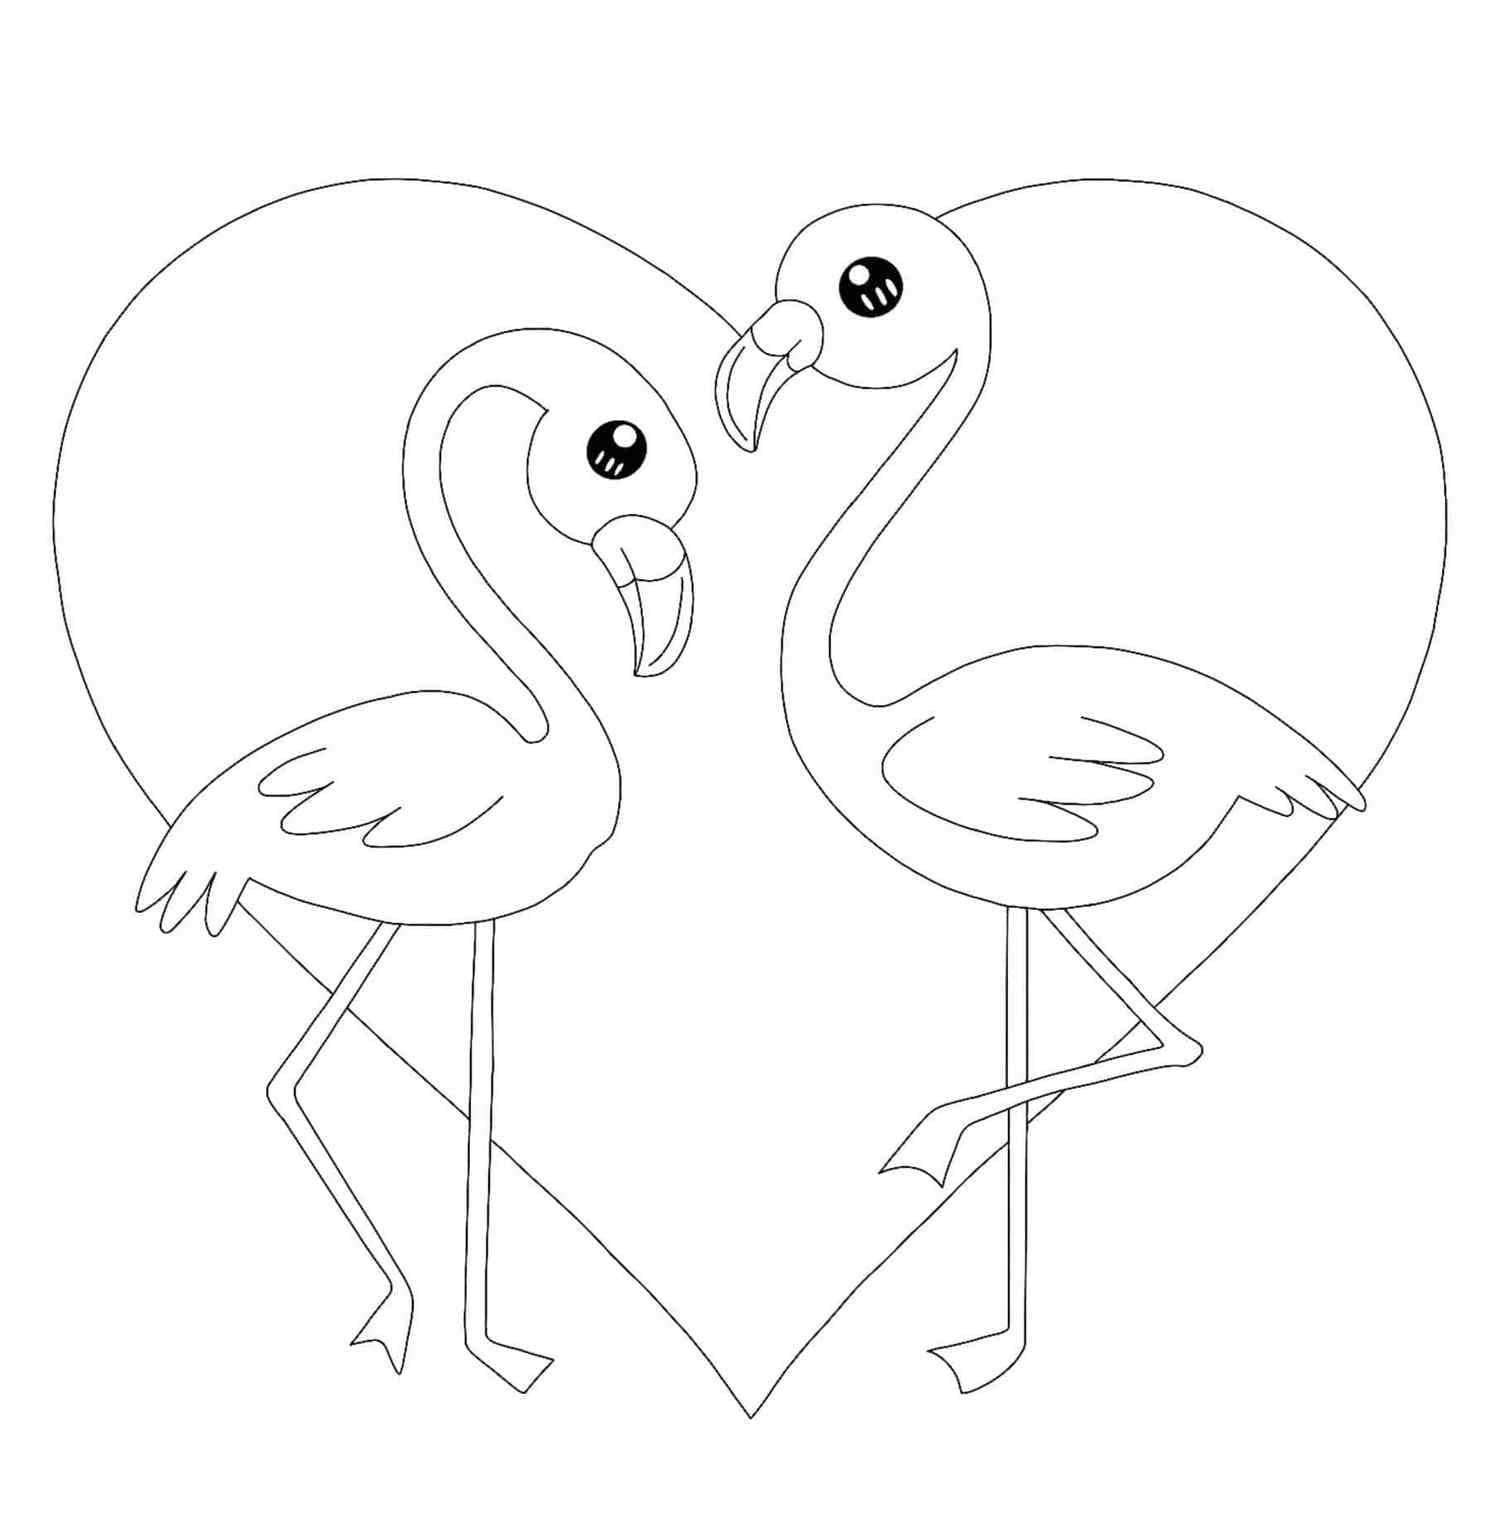 Ausmalbilder Flamingo  28 Malvorlagen Kostenlos zum Ausdrucken